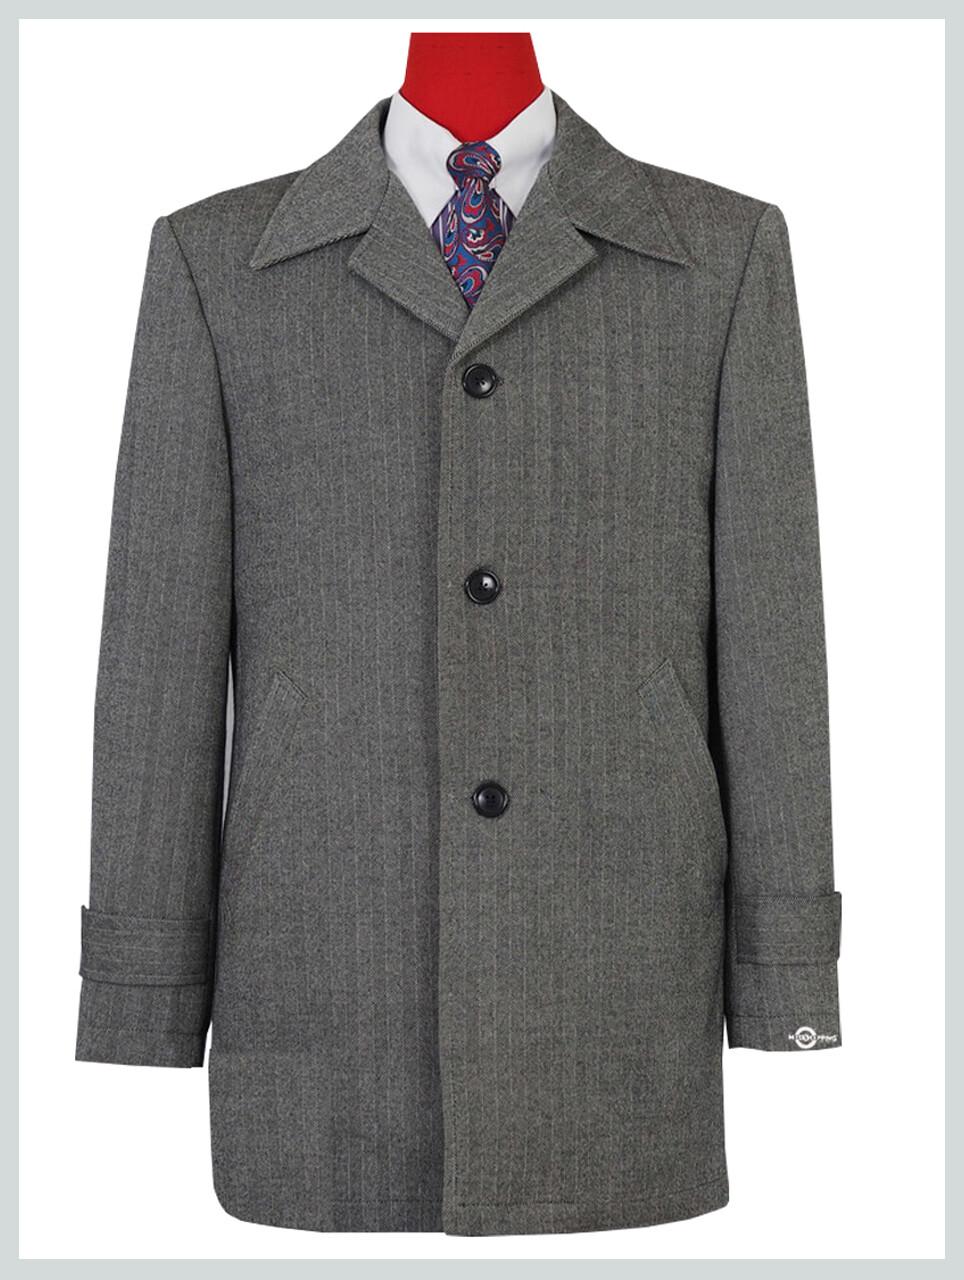 Original Vintage 60s Retro Grey Herringbone Tweed Short Overcoat For Men